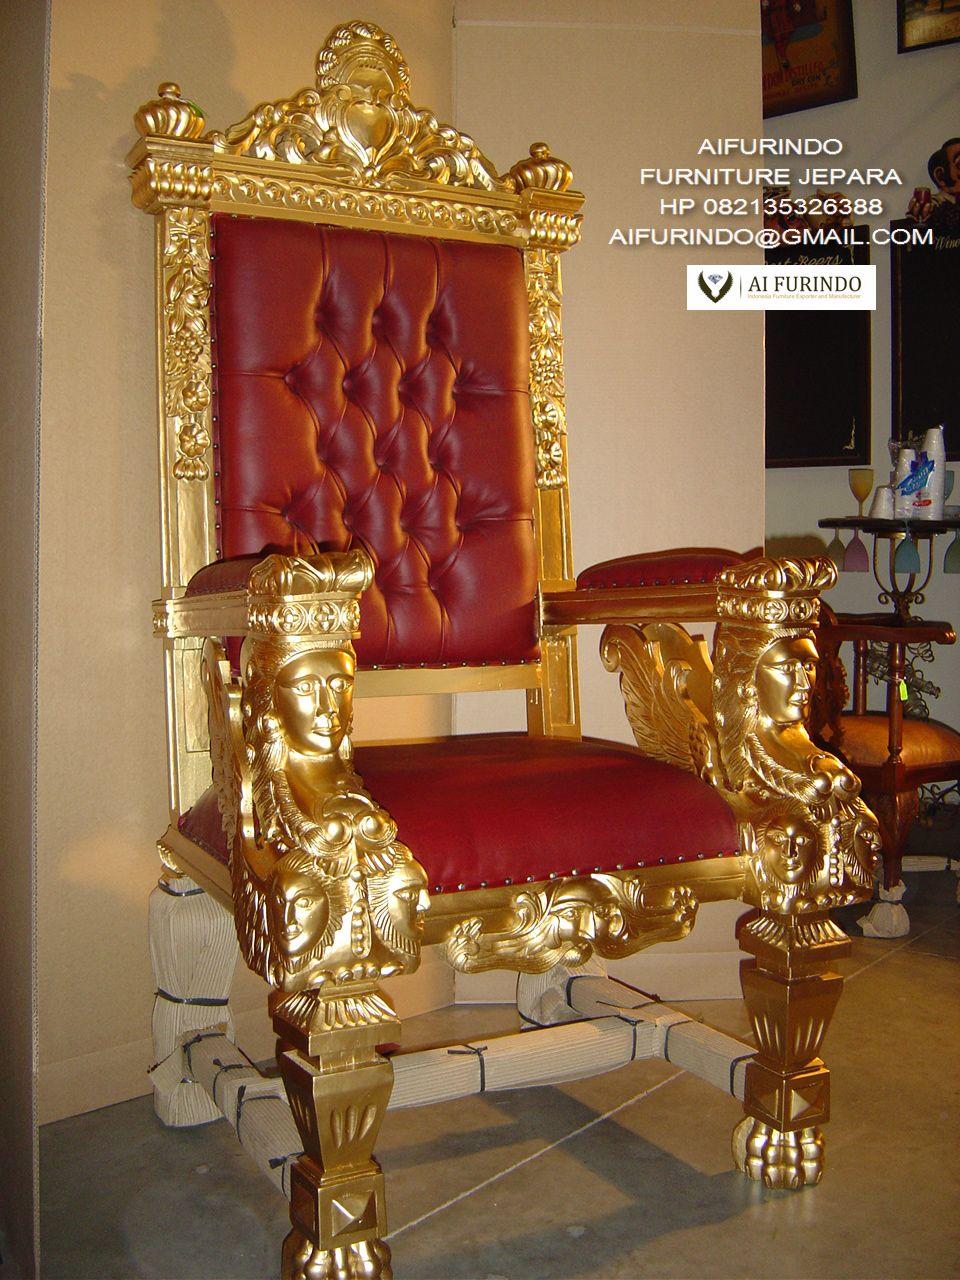 Furniture Ukir Kursi Ukir Jepara Jual Furniture Jepara